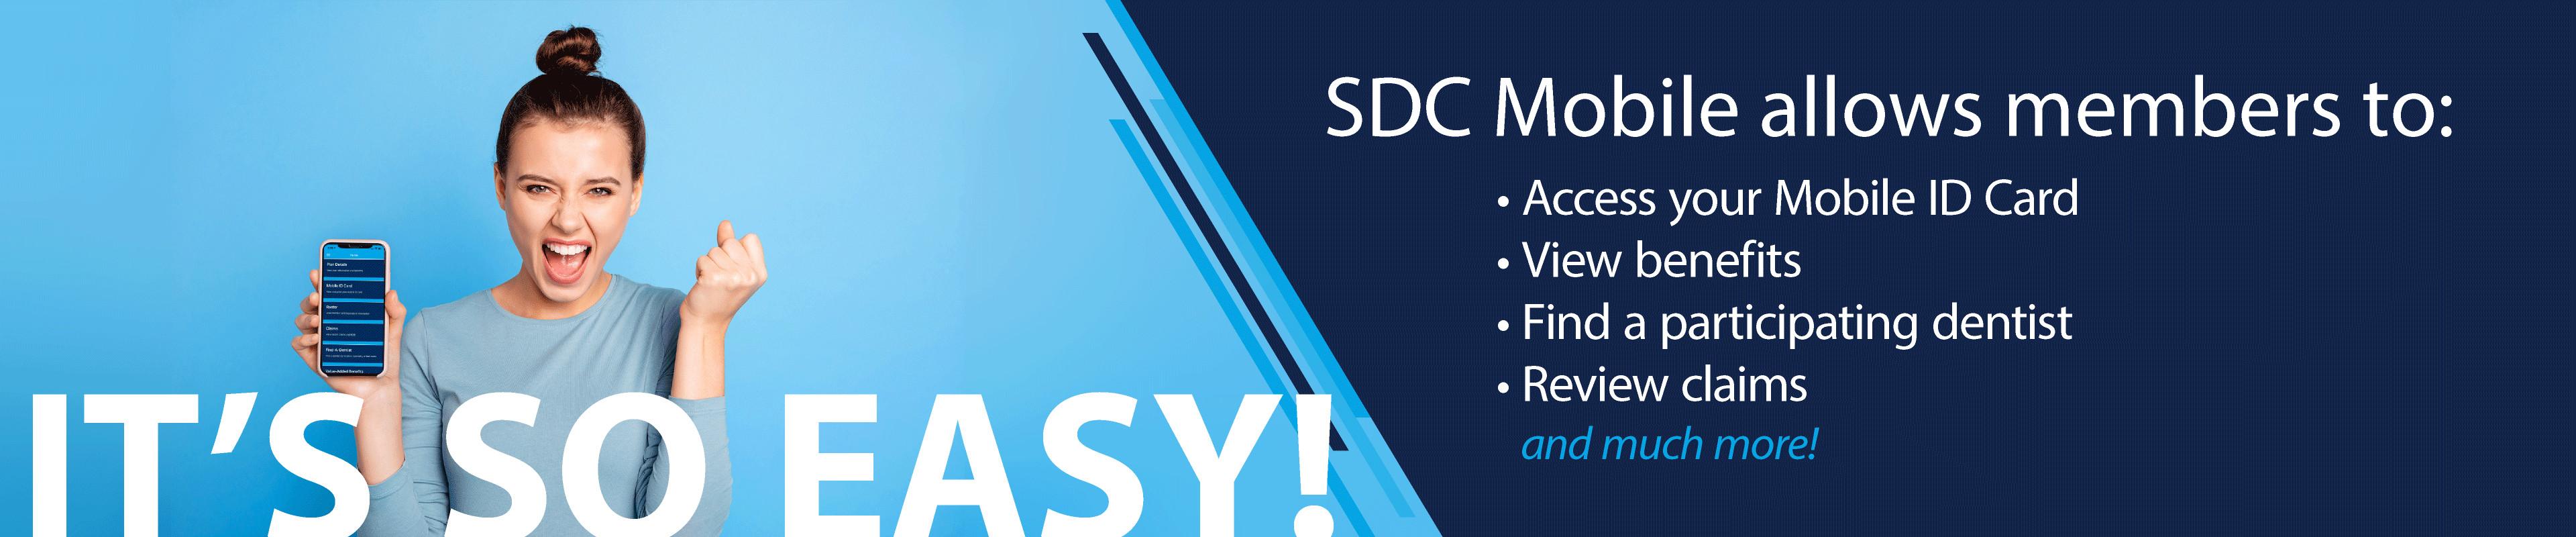 SDC Mobile App